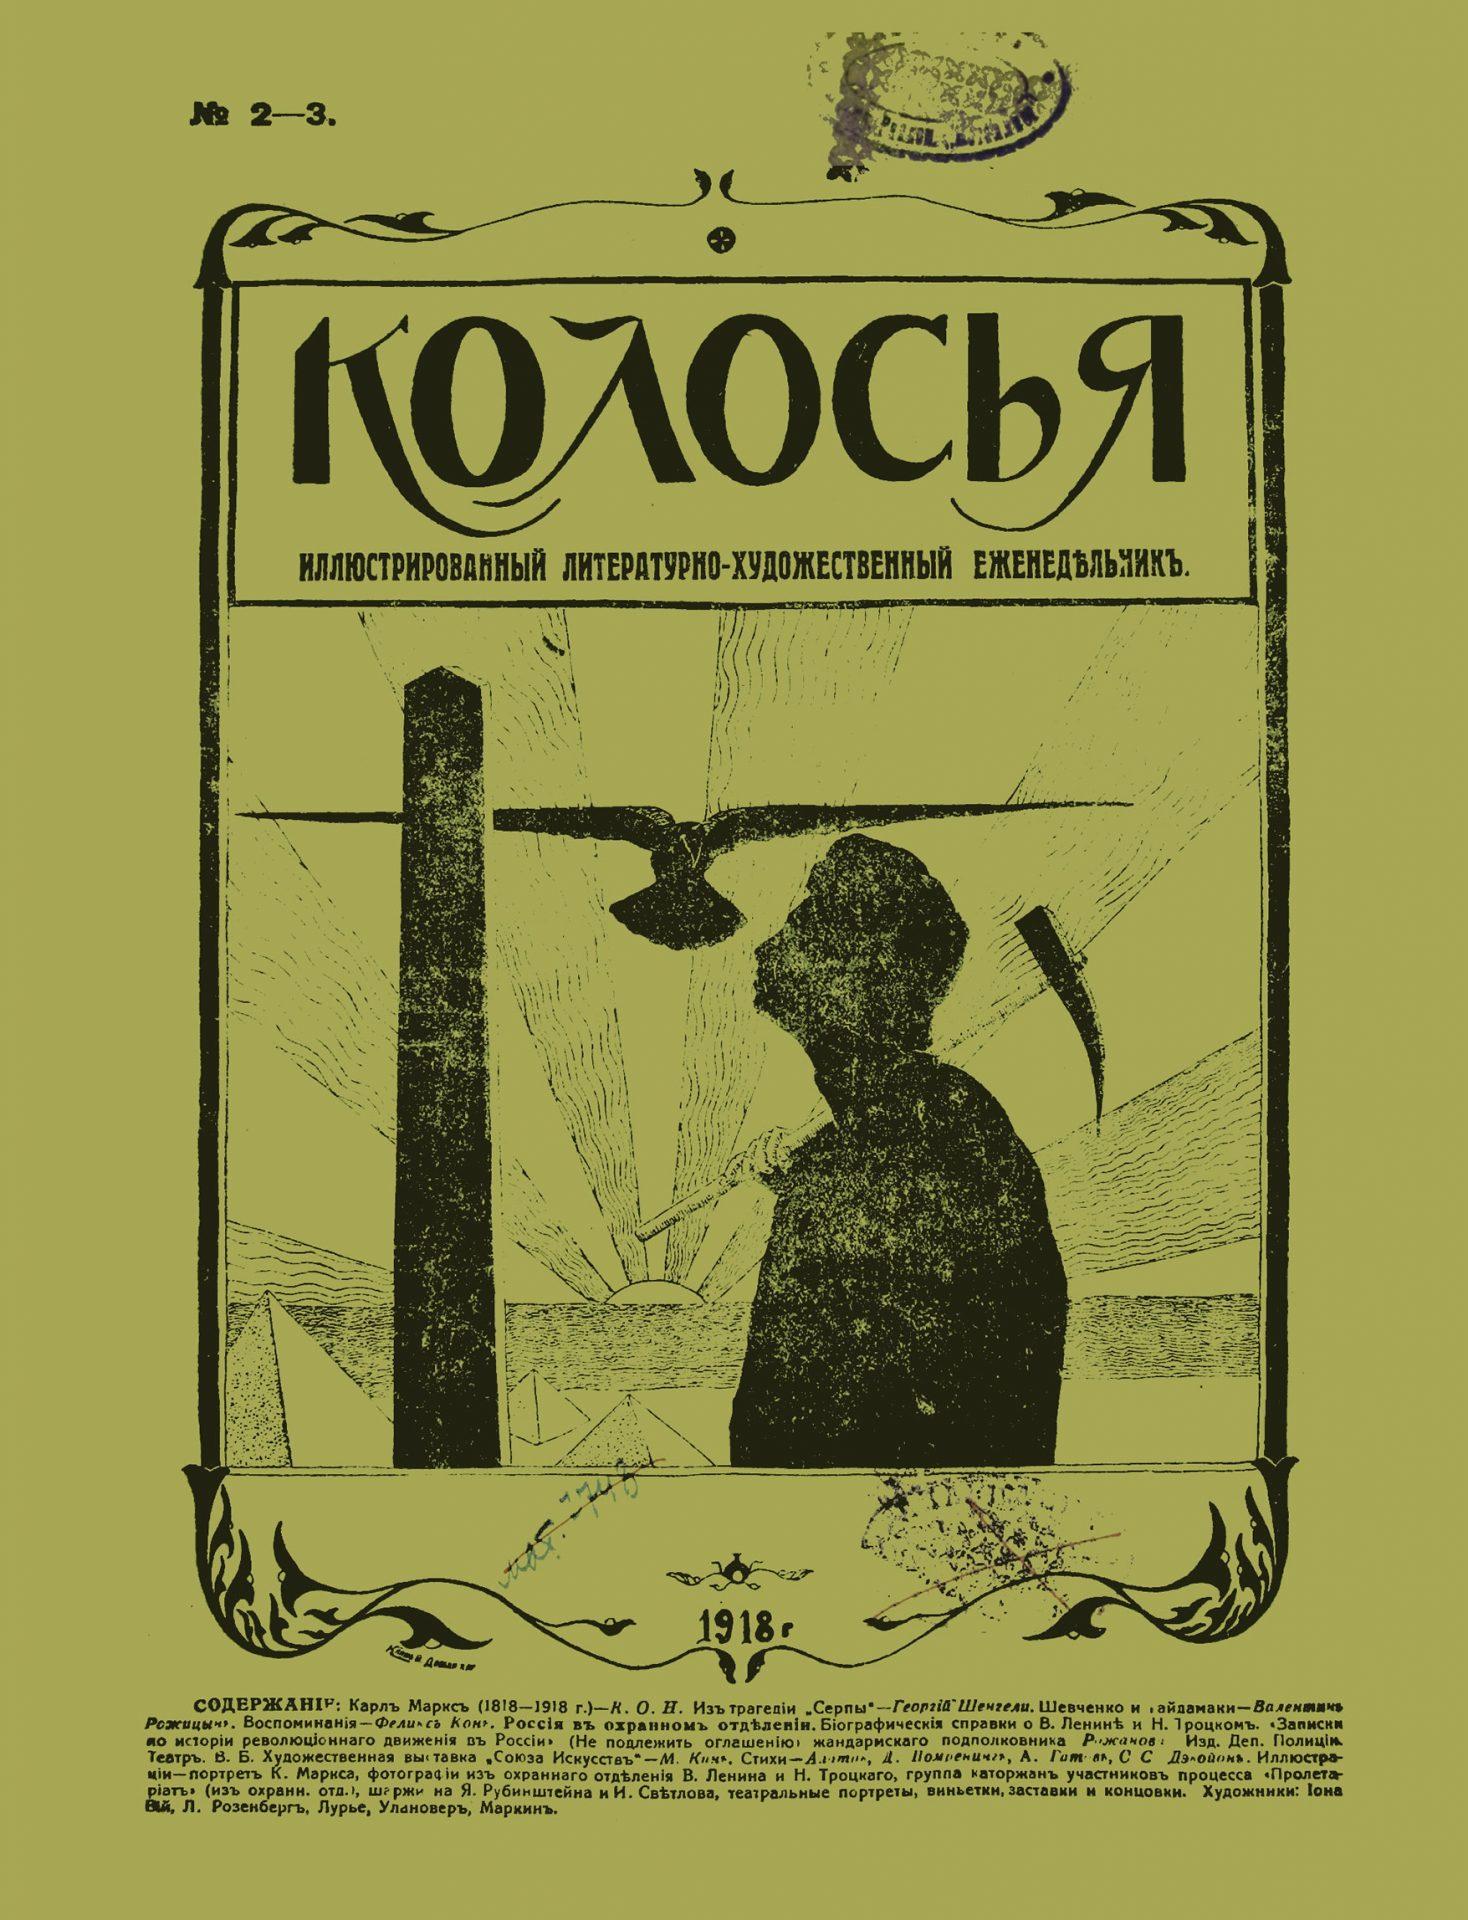 Колосья_1918_№2-3